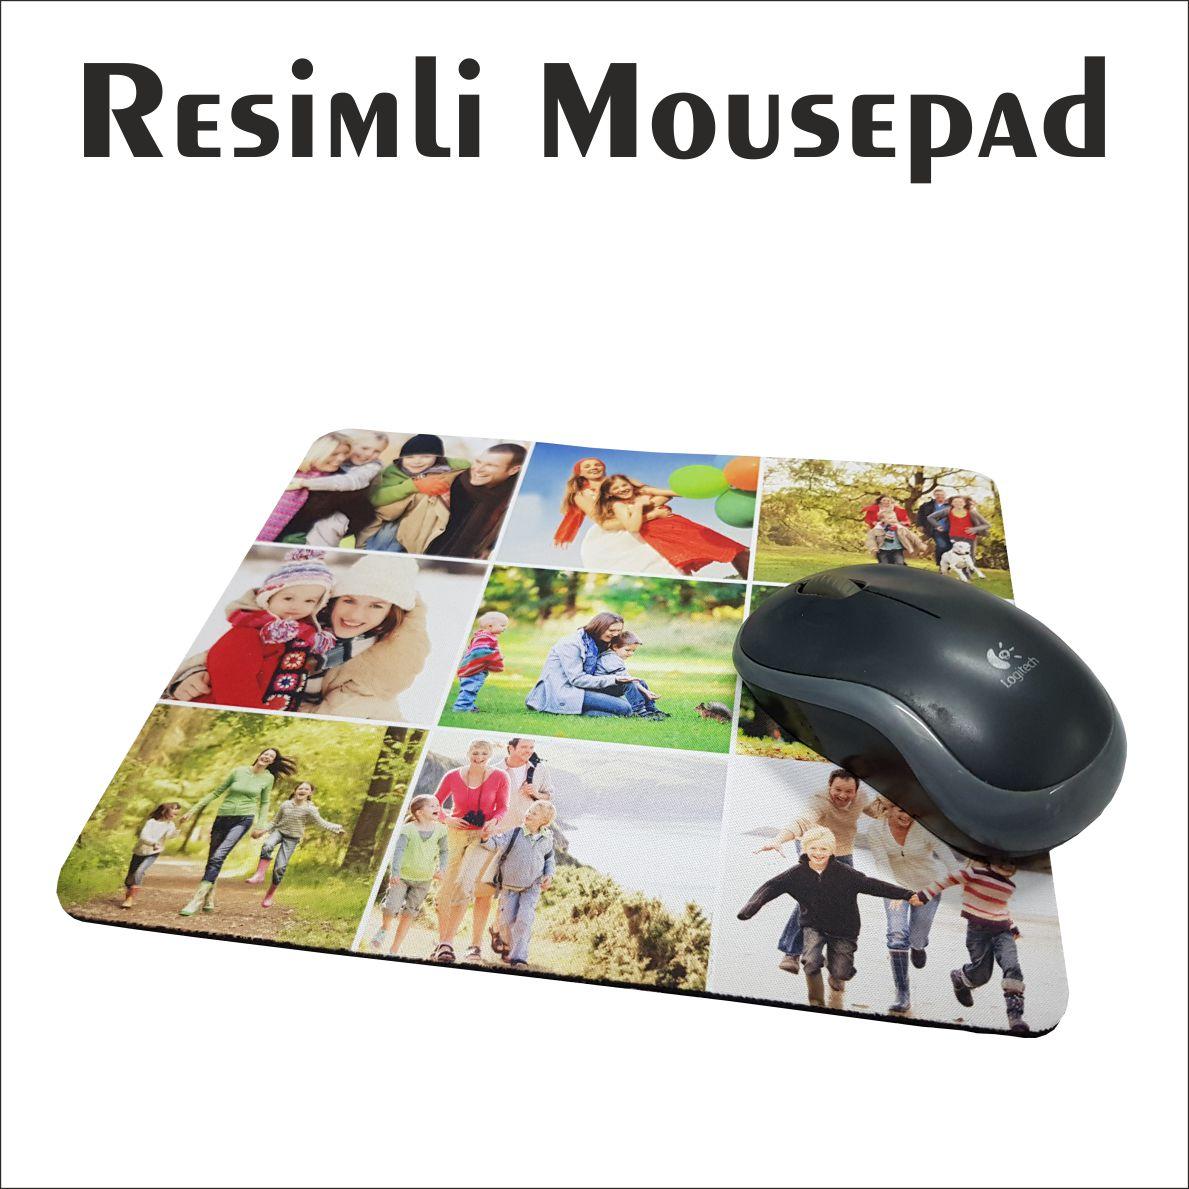 Resimli Mousepad